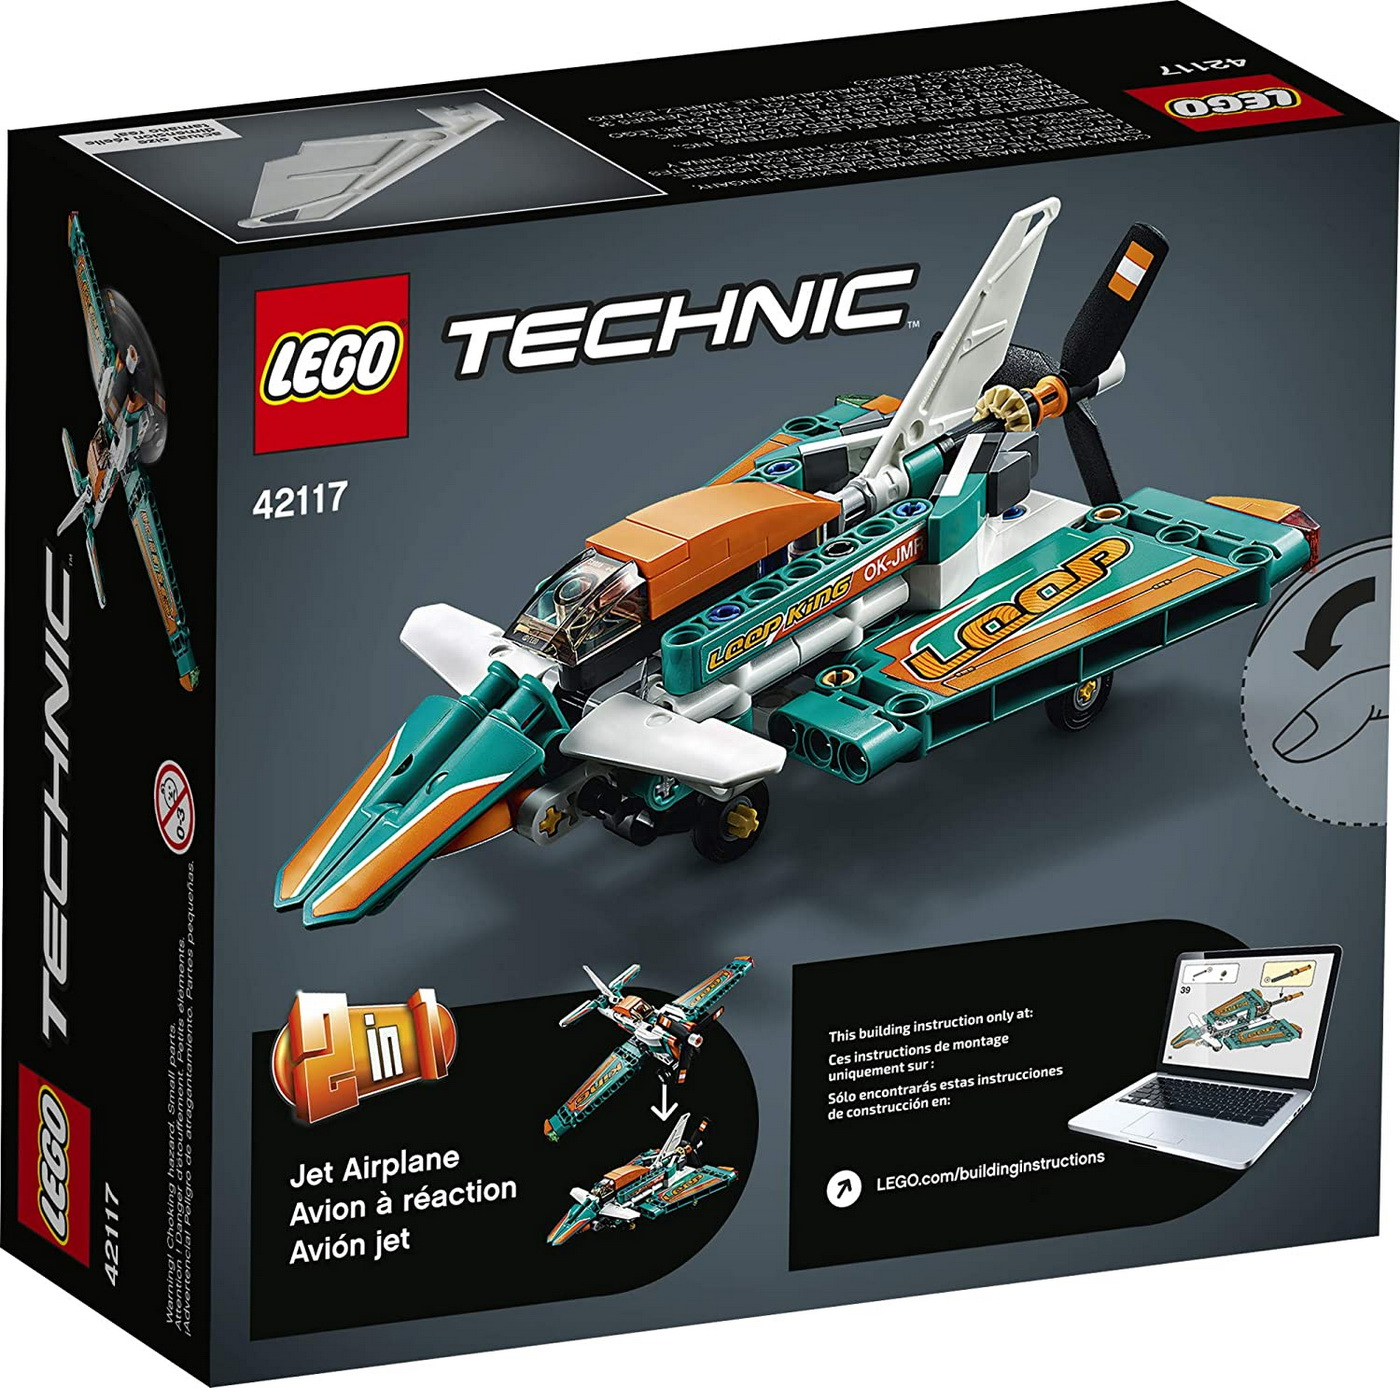 LEGO Technic - Race Plane (42117)   LEGO - 11